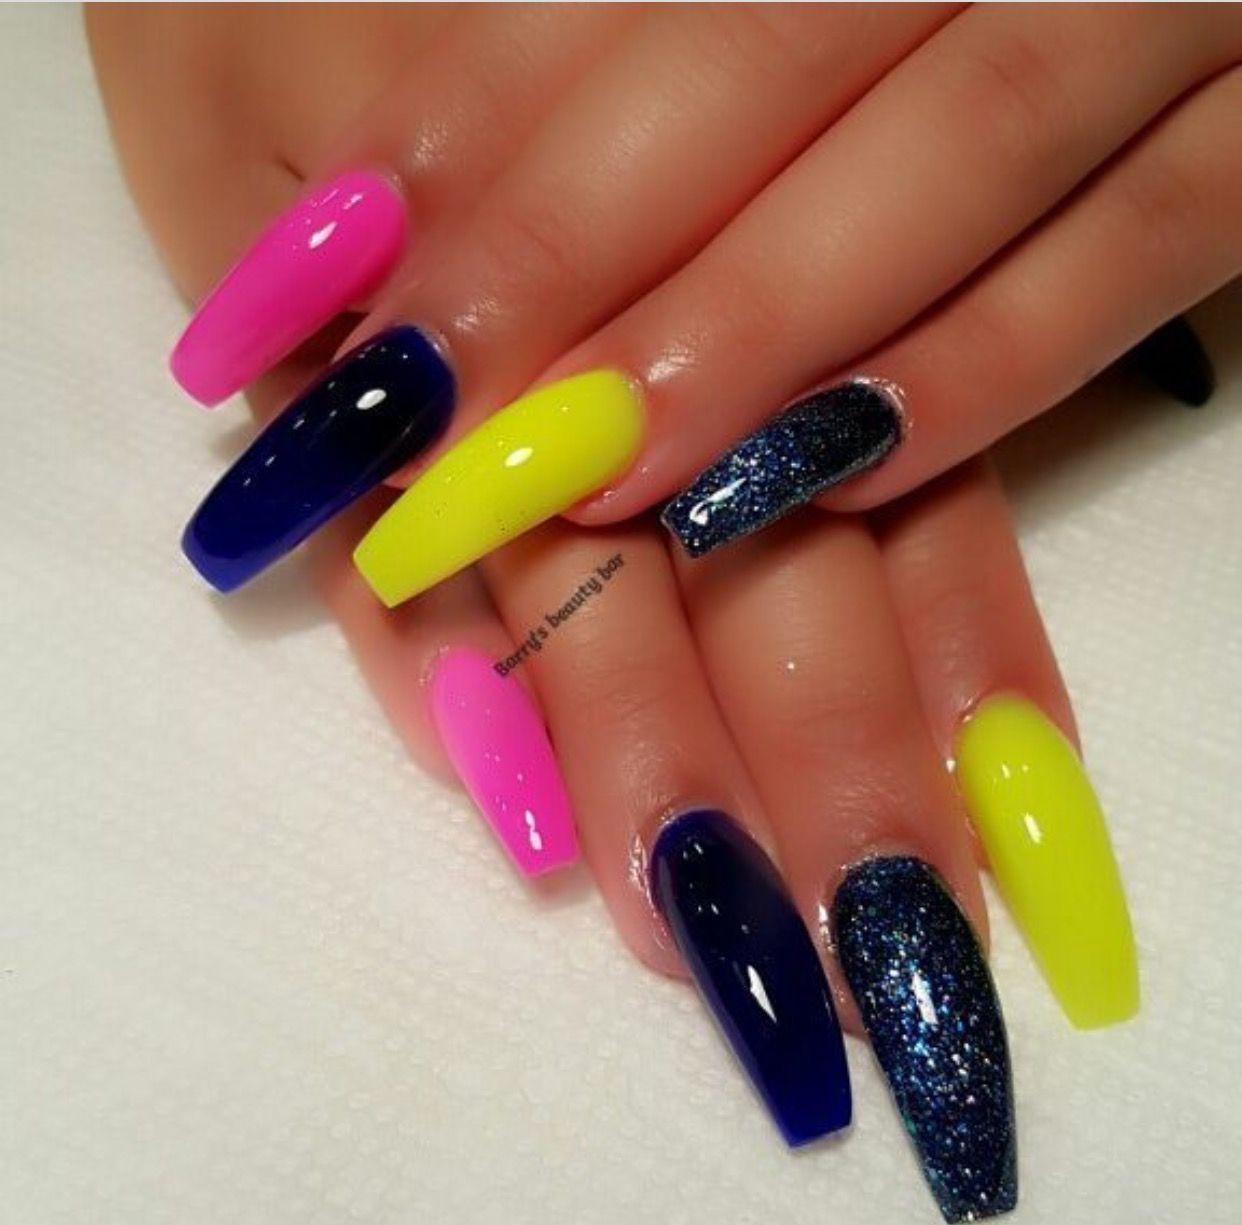 Pin by Heavenly Sweets on nails | Pinterest | Nail nail, Nail inspo ...